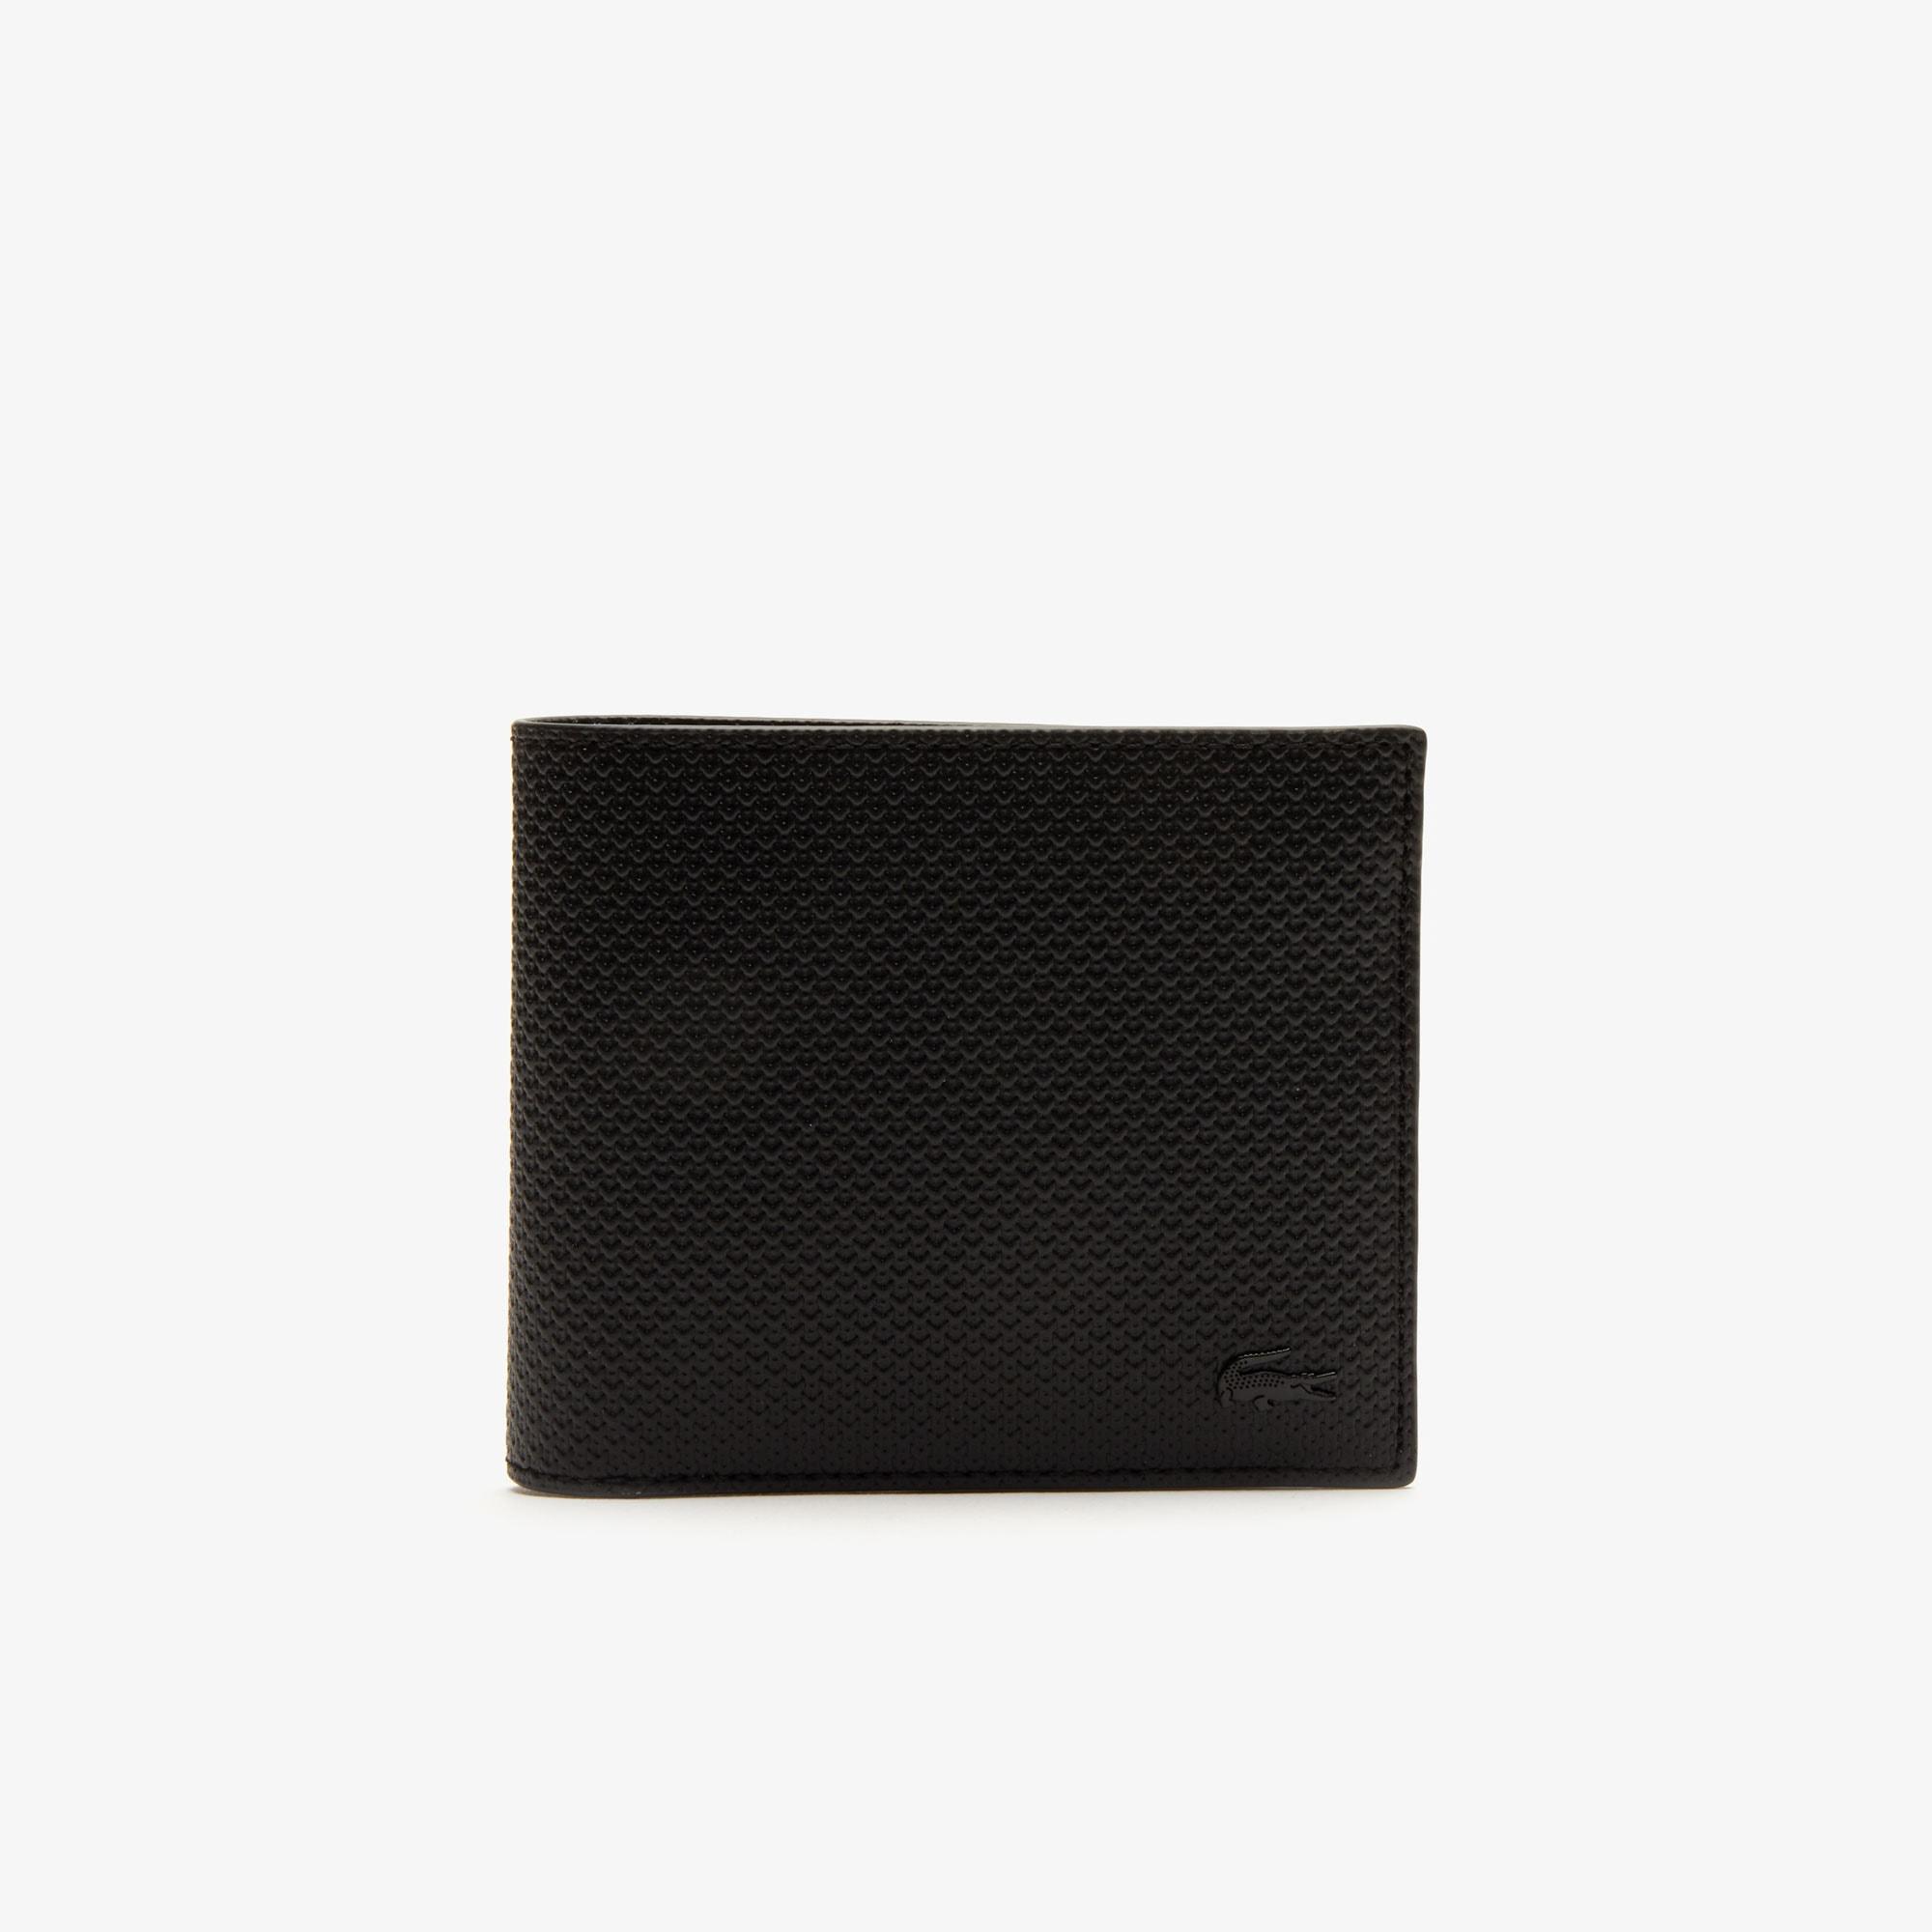 LBALAC32_Wallet_Main